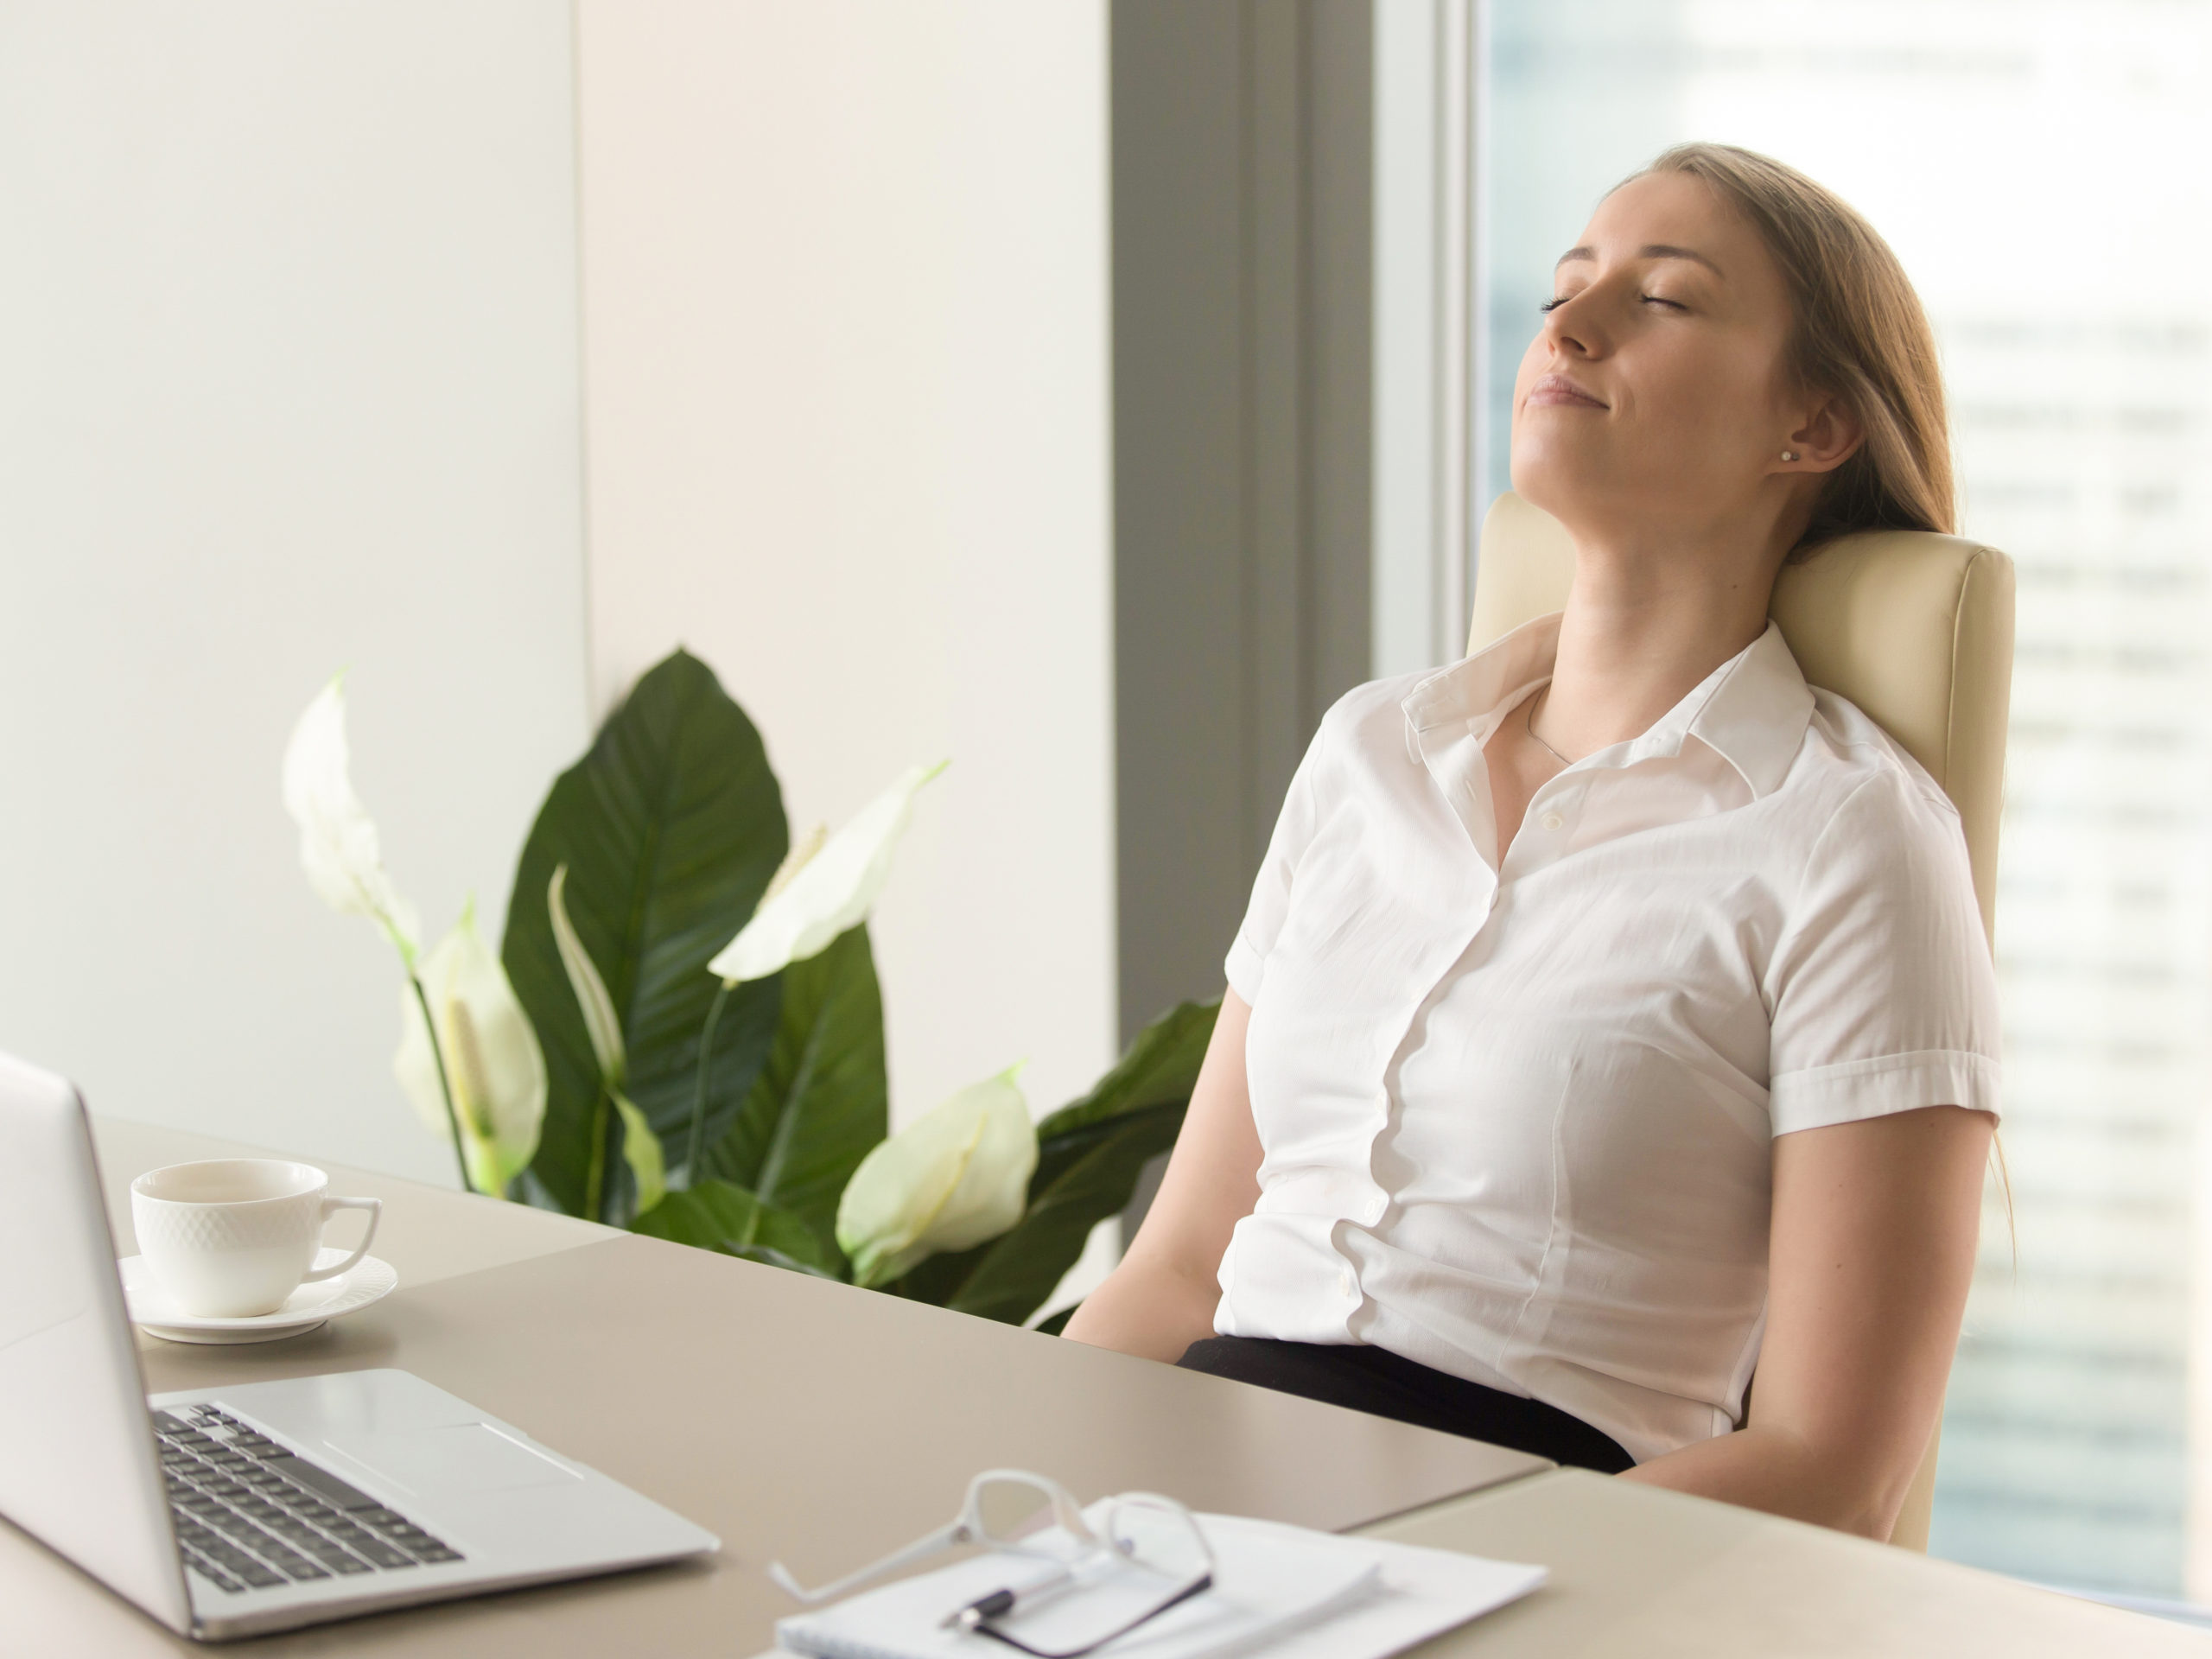 Acht auf Pausen - diese sind wichtig und helfen gegen Verspannungen im Nacken.